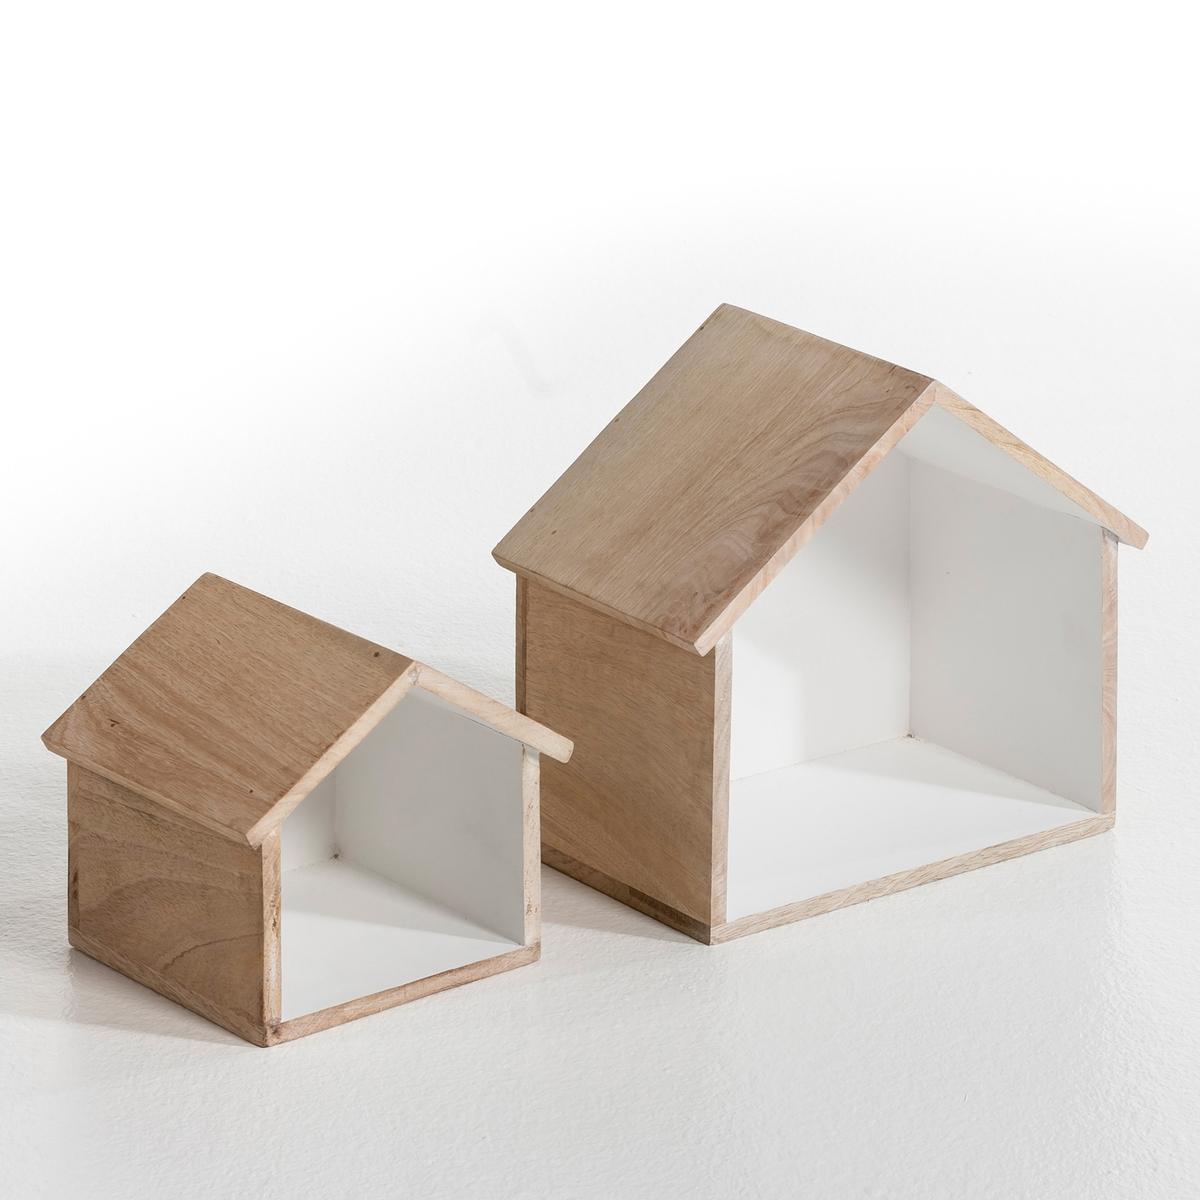 Полка в форме дома (2 шт.)  В18 и В27 см, Case<br><br>Цвет: серо-бежевый,серый/ярко-розовый,синий/желтый